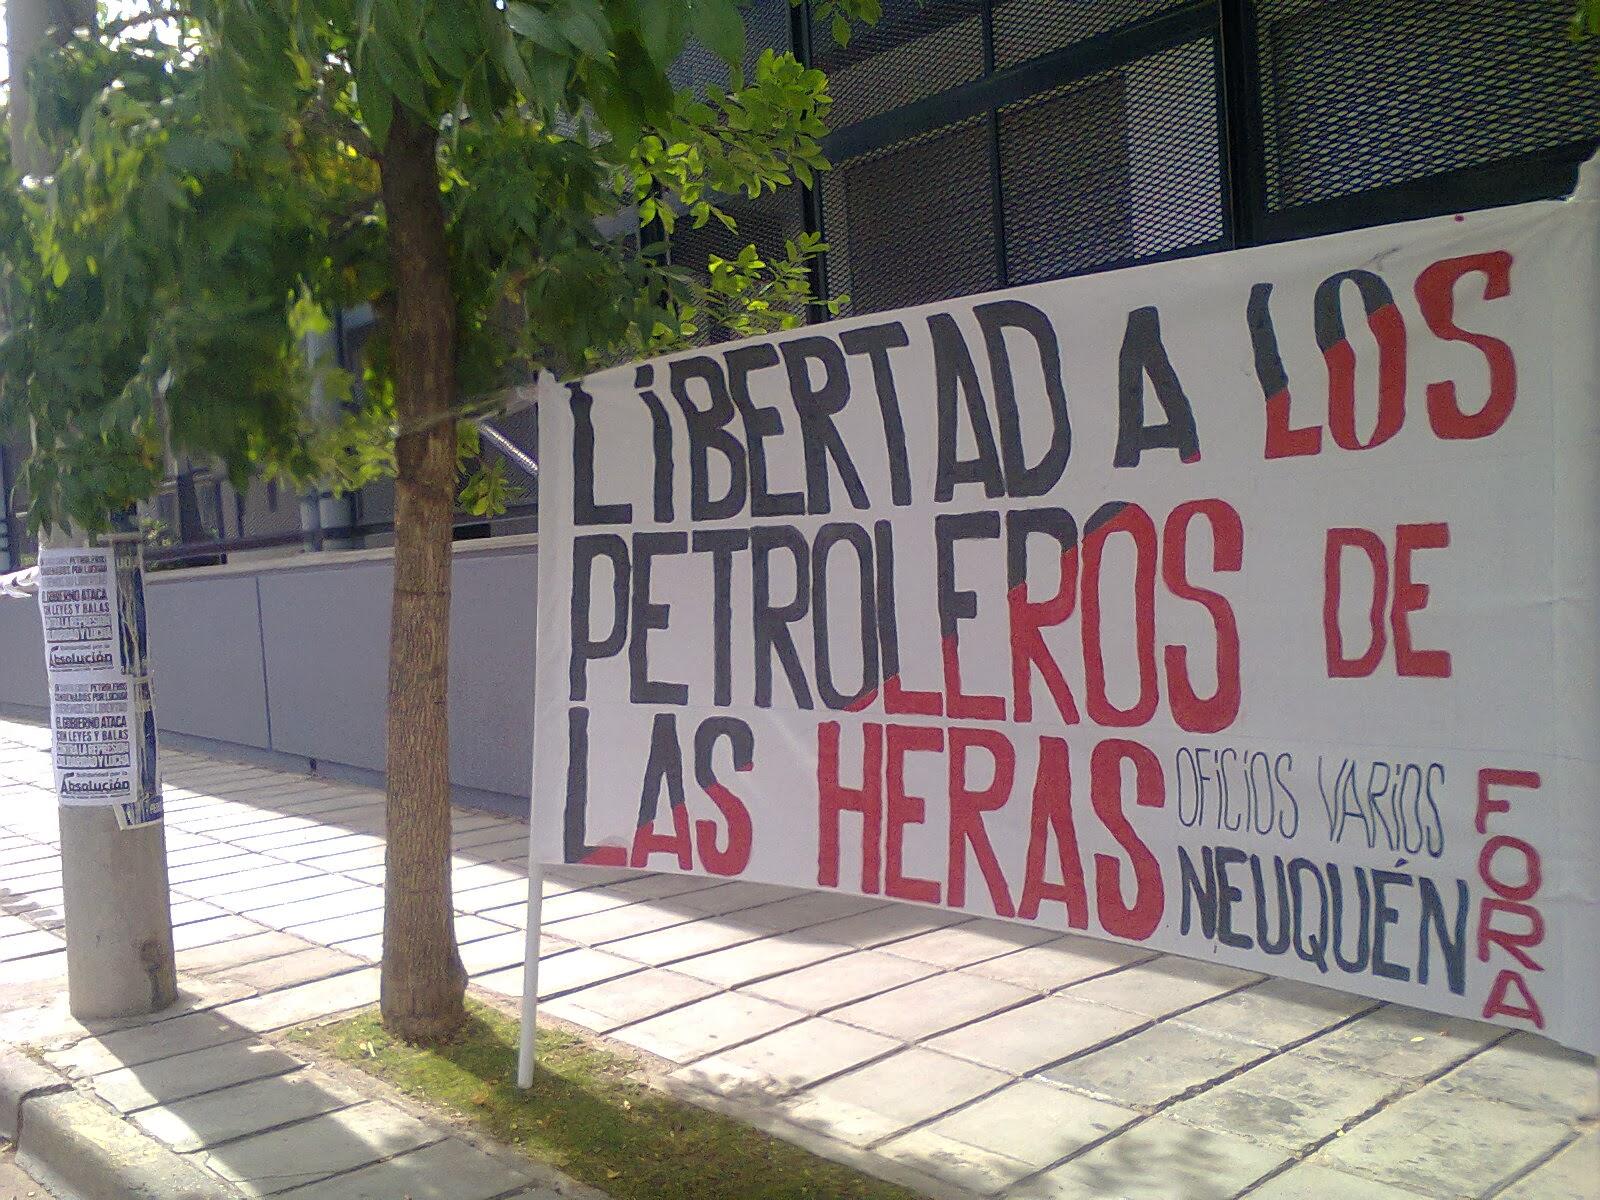 Por la libertad de los Petroleros de Las Heras    Hoy, 15 de enero de 2014, se realizó una actividad de protesta y difusión en solidaridad y por la libertad de los petroleros de Las Heras.    En horas de la tarde nos dispusimos frente a las oficinas centrales de la empresa YPF, responsable en 2006, con el nombre de Repsol-YPF, junto a otras empresas petroleras, de la precarizacion contra la que se lucho en aquel momento. Hoy esta empresa esta en manos del gobierno nacional y otros inversores privados, que perpetúan la explotación y la precarización de los trabajadores petroleros y tiran sobre sus espaldas todo el andamiaje legal que, judicializando las luchas obreras, condena a cadena perpetua a nuestros compañeros trabajadores de Las Heras.    Frente a estas oficinas se realizó una pegatina de carteles, volanteada de difusión y se leyó con megáfono el comunicado de la F.O.R.A.    En espera de que estas acciones de solidaridad sean un aporte a la lucha que desde las organización obreras debemos hacer crecer por la libertad de los compañeros condenados, saludamos las demás Sociedades y compañeros activistas en esta jornada de protesta.  Sociedad de Resistencia de Oficios Varios Neuquén